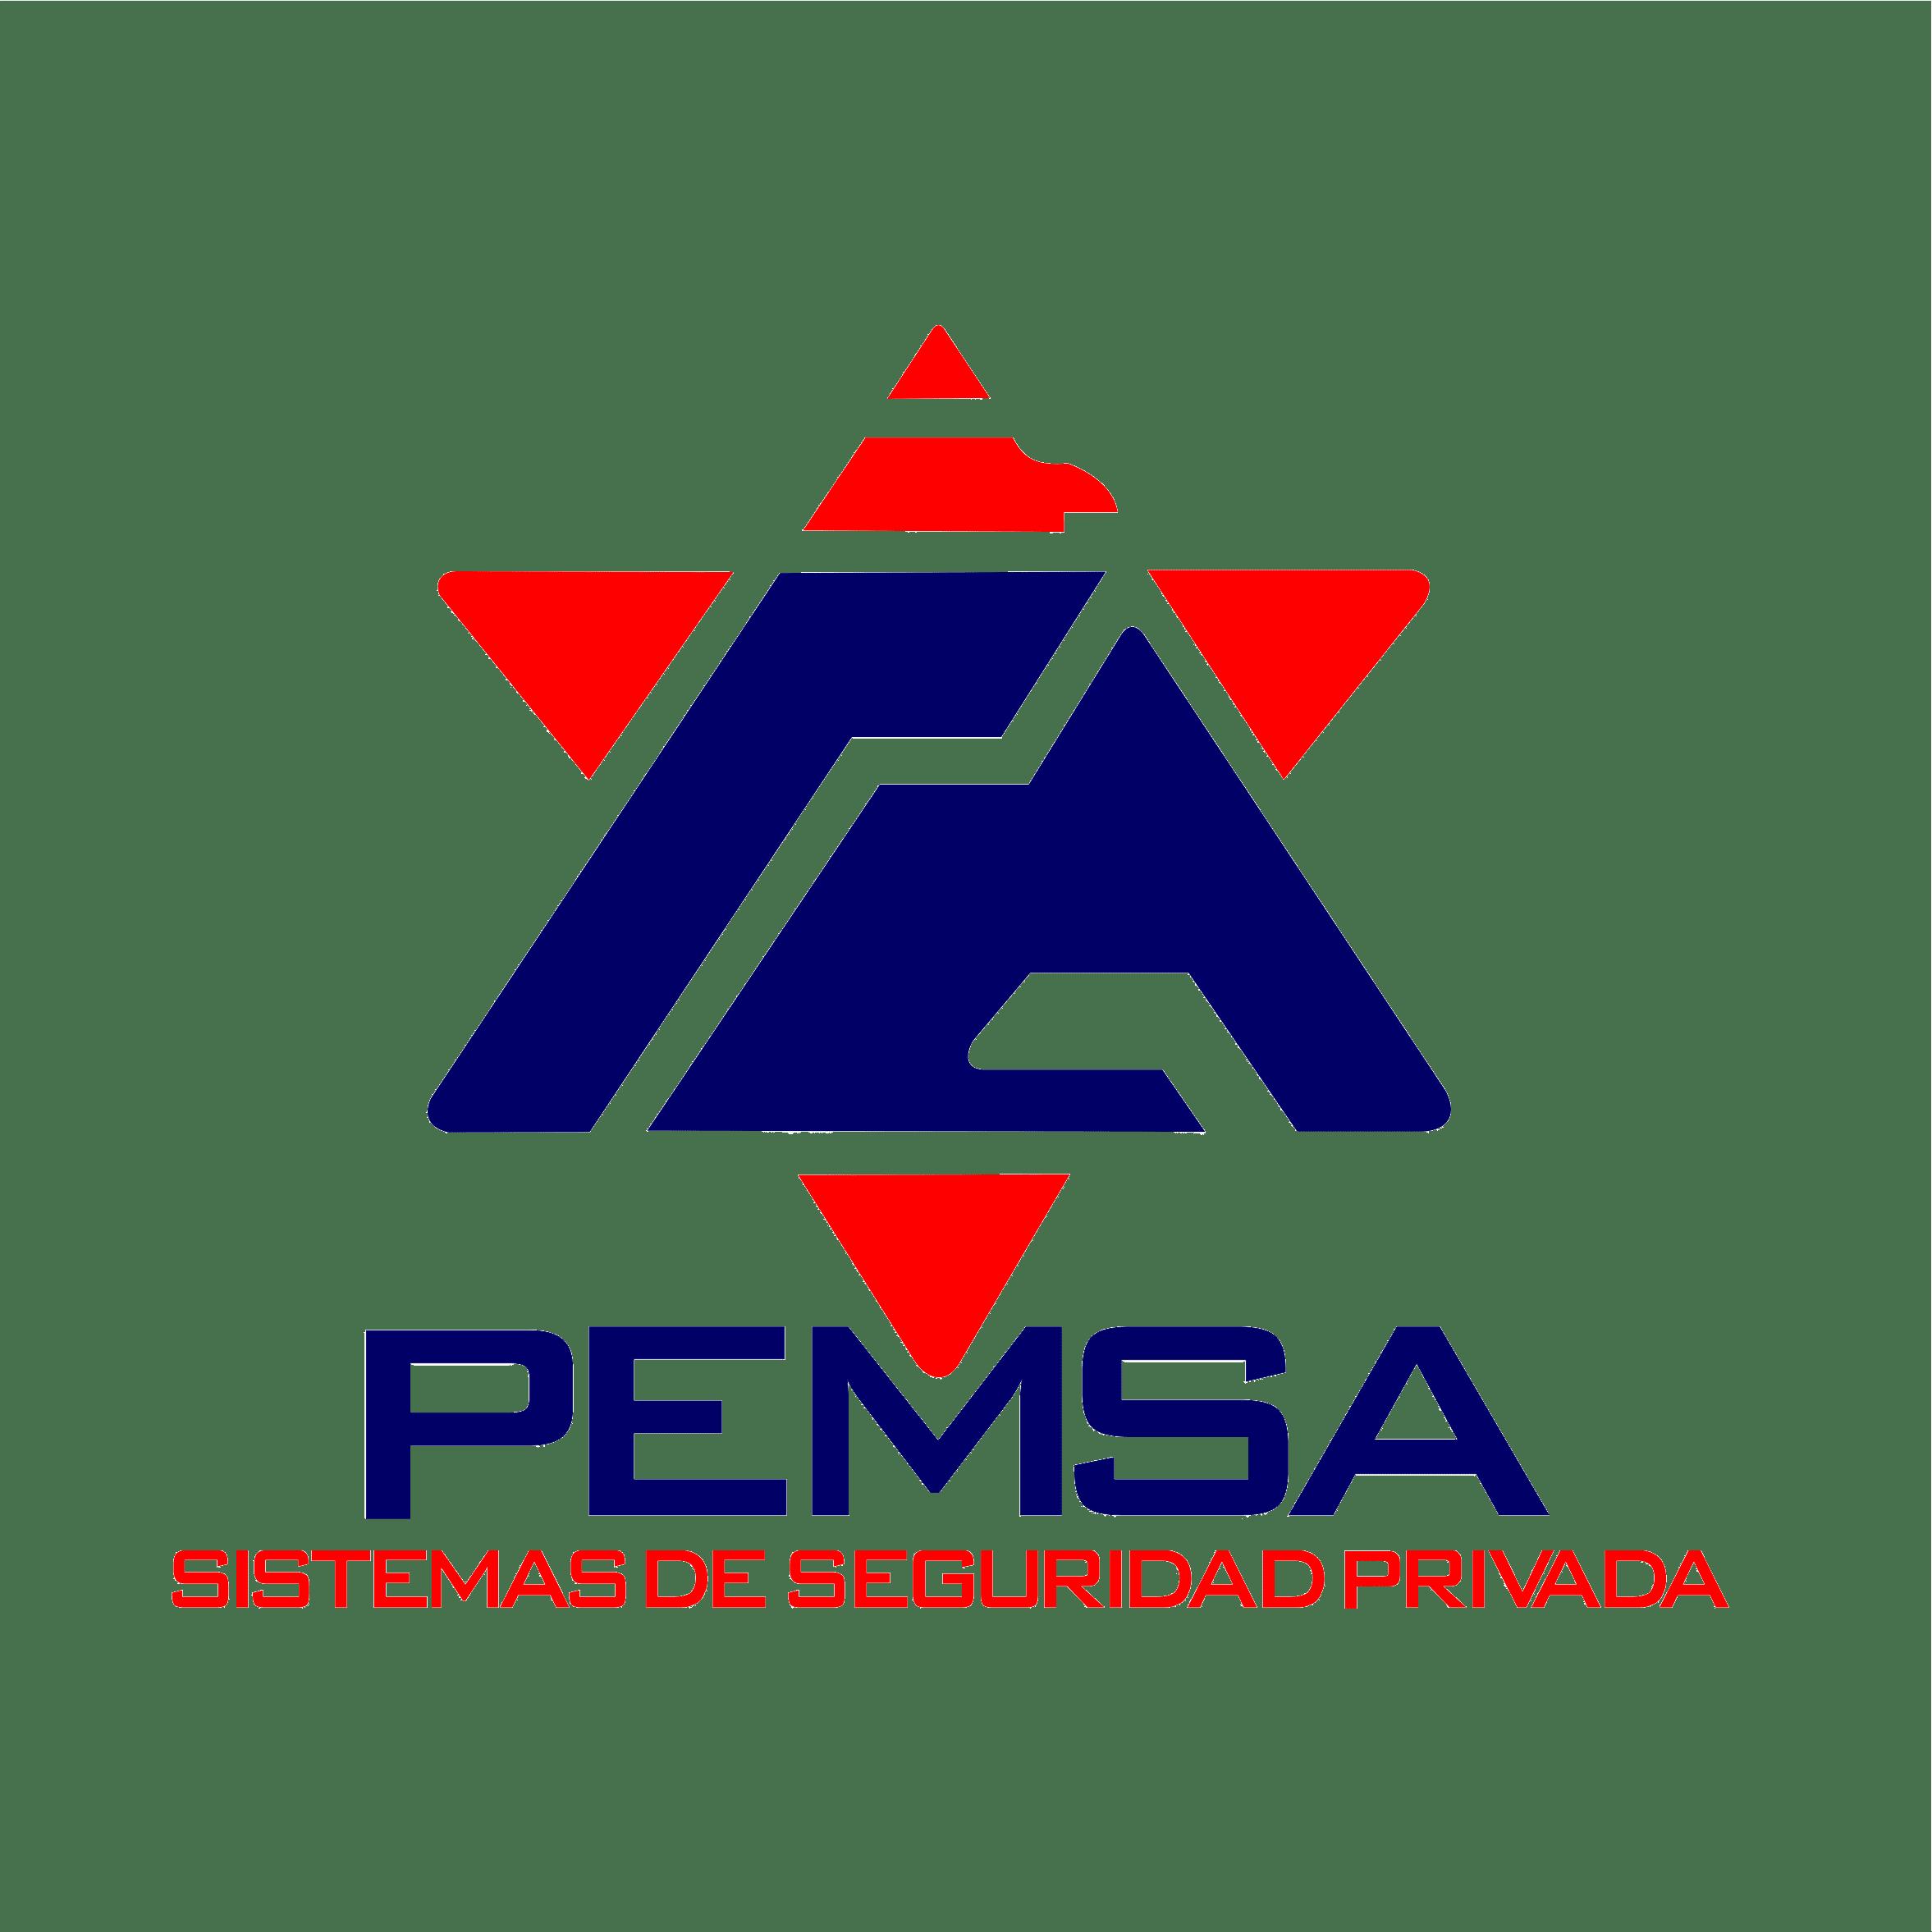 SECCION CONTACTO_PEMSA LOGO OFICIAL SIN FONDO